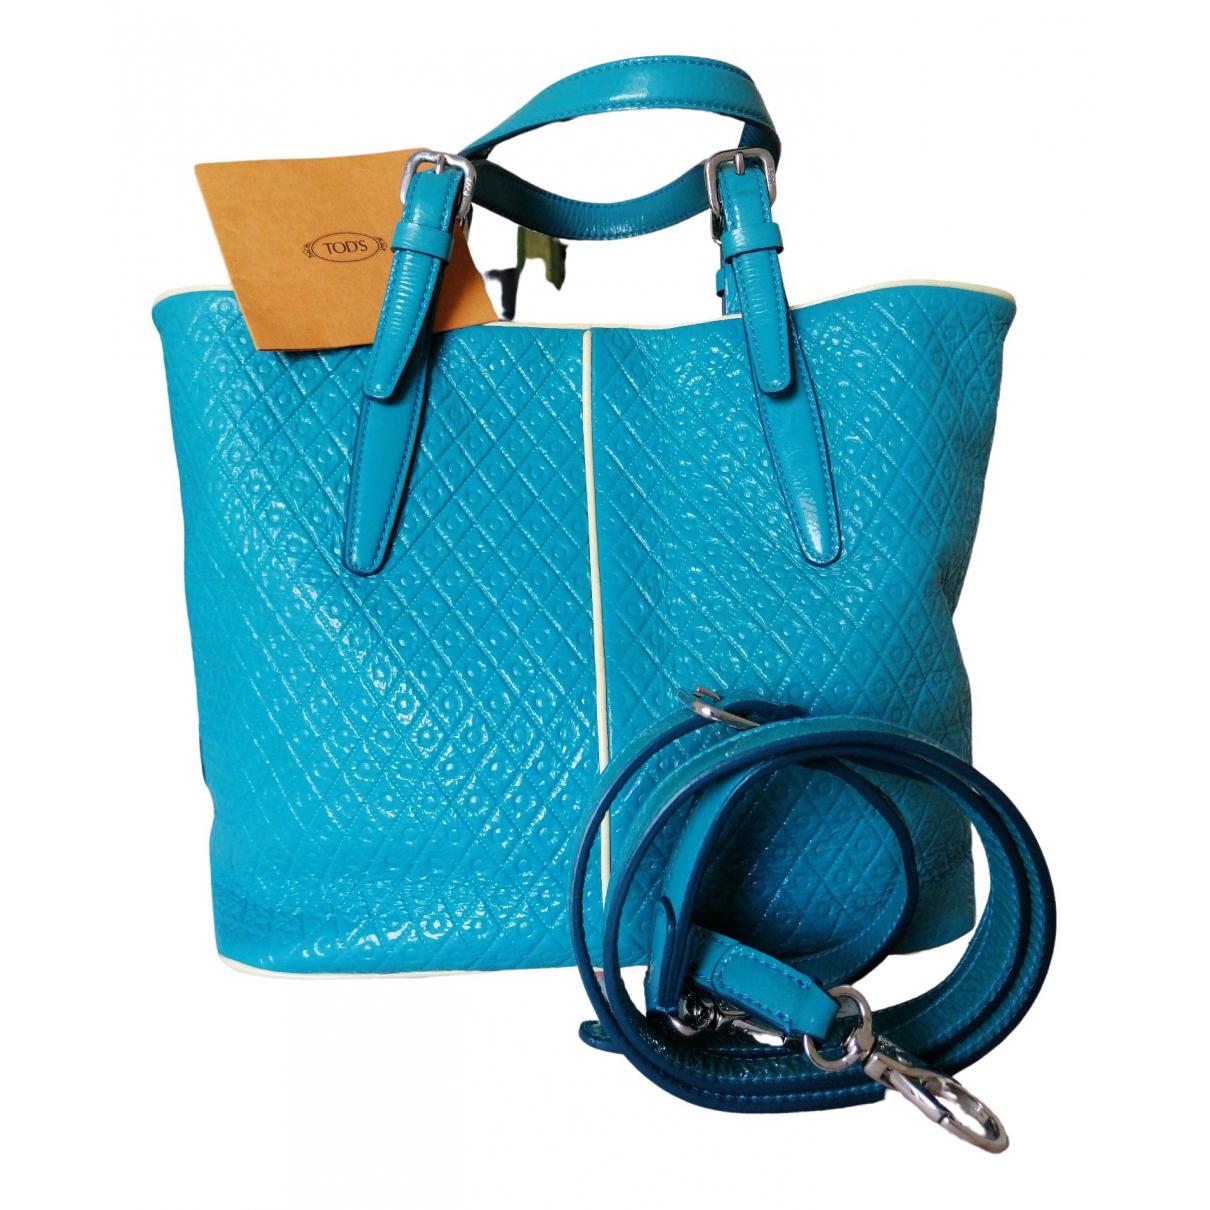 Tod's \N Turquoise handbag for Women \N